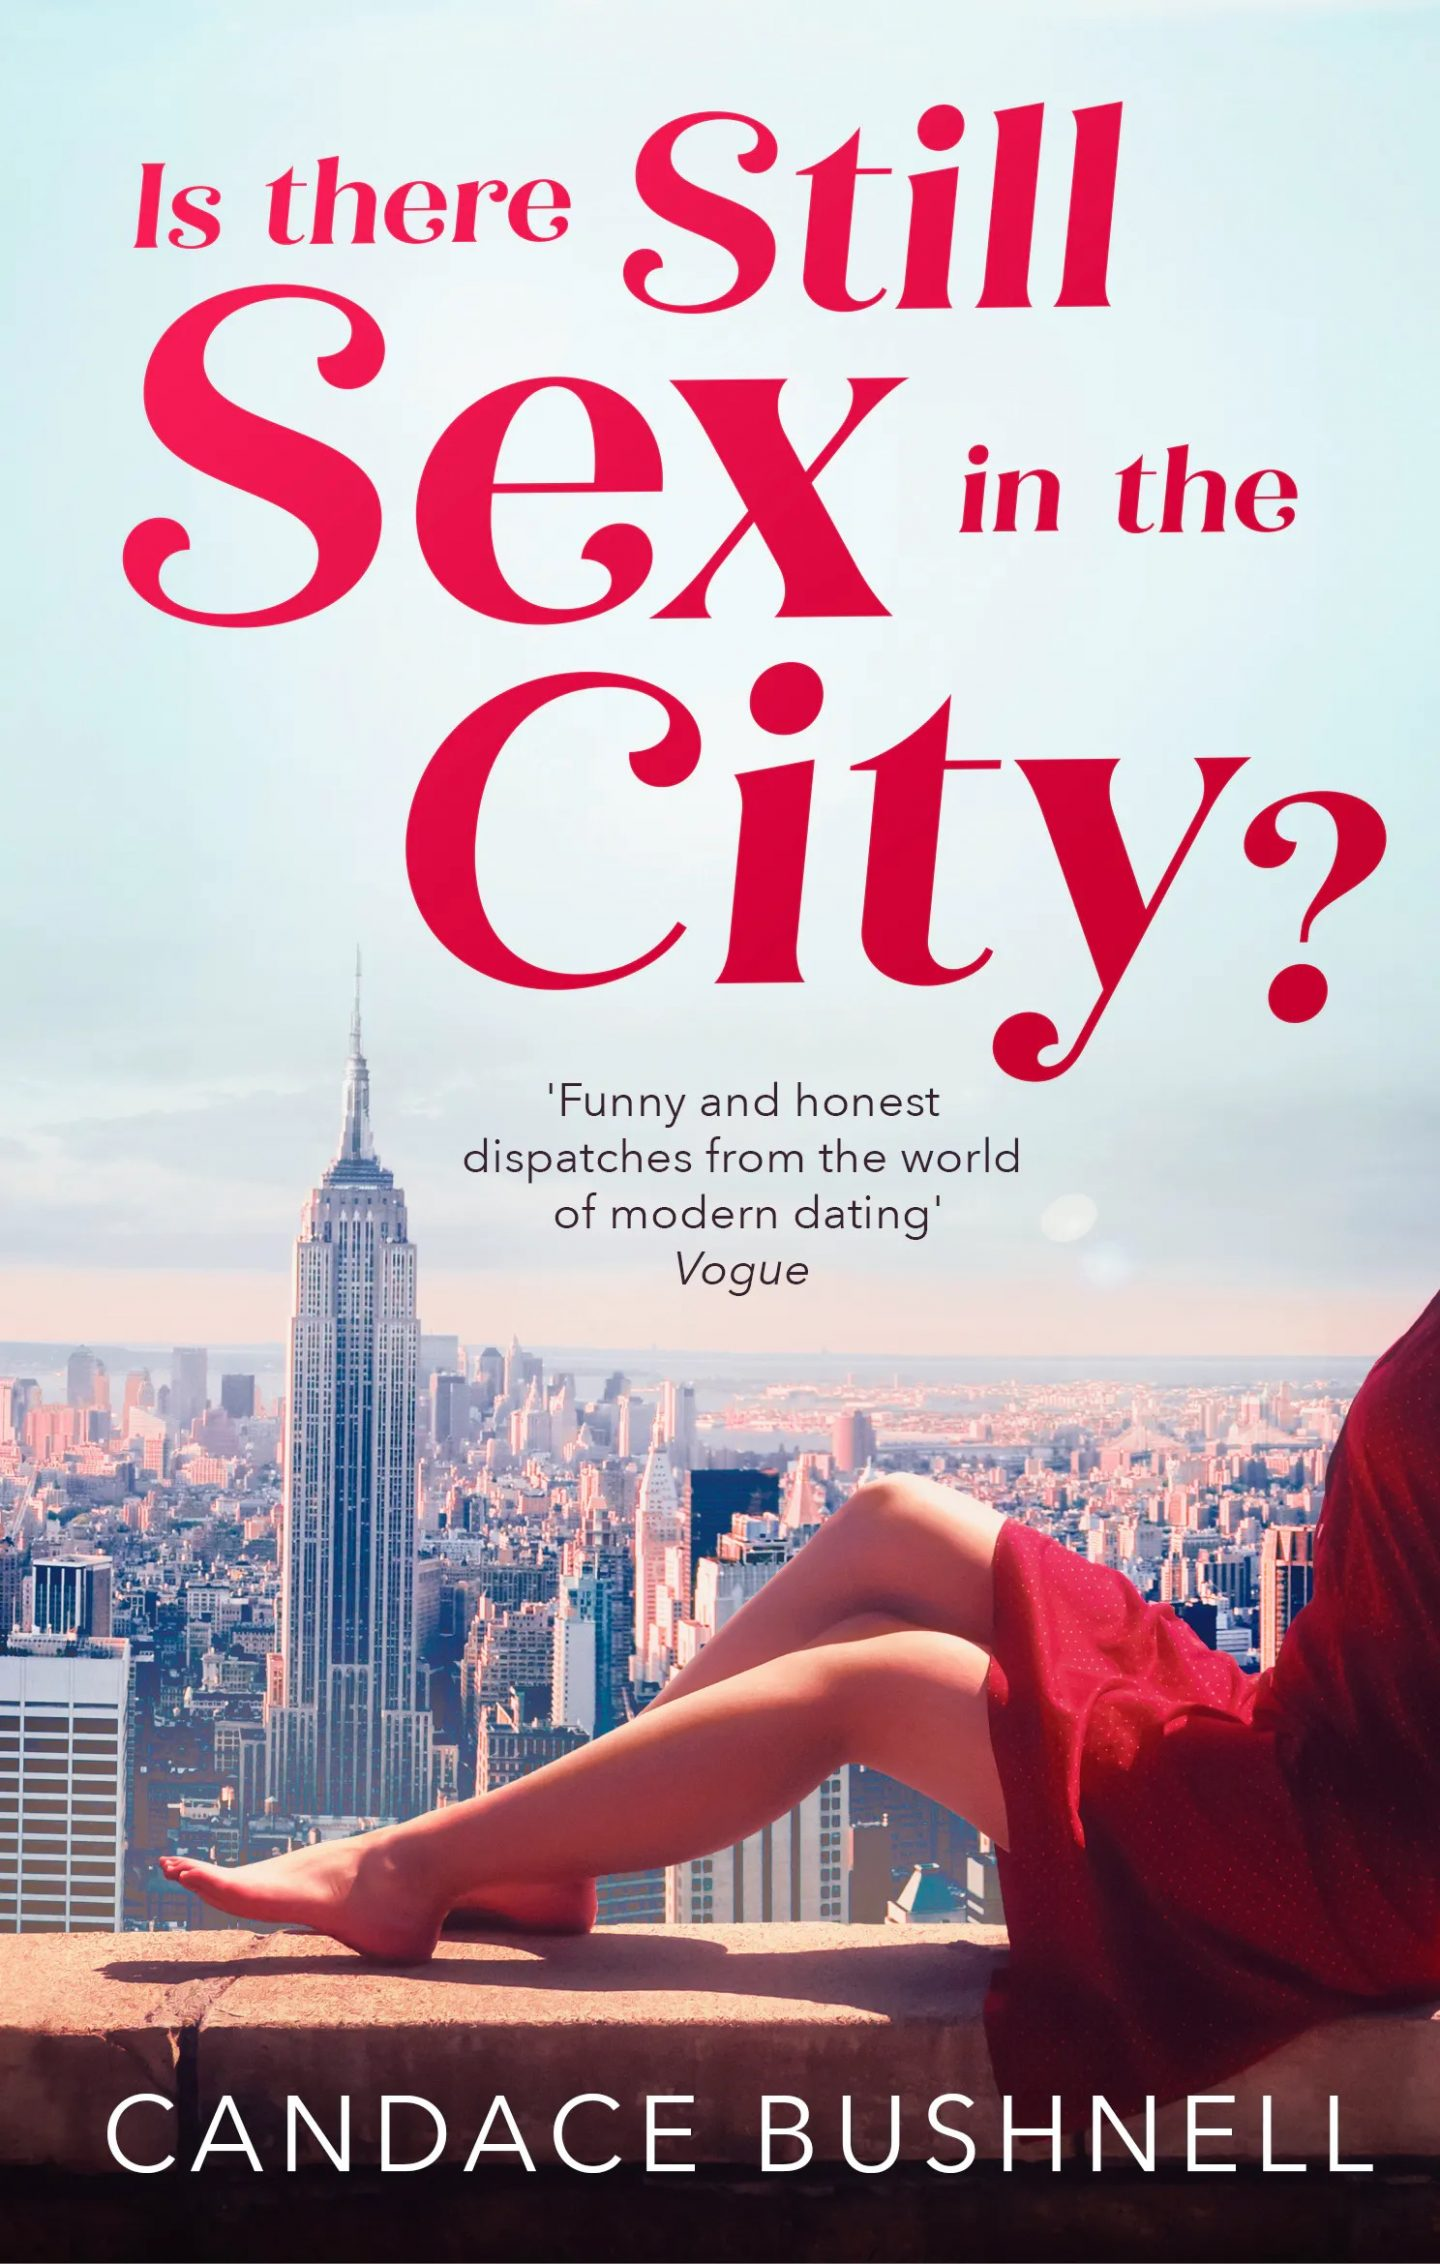 האם עדיין יש סקס בעיר הגדולה